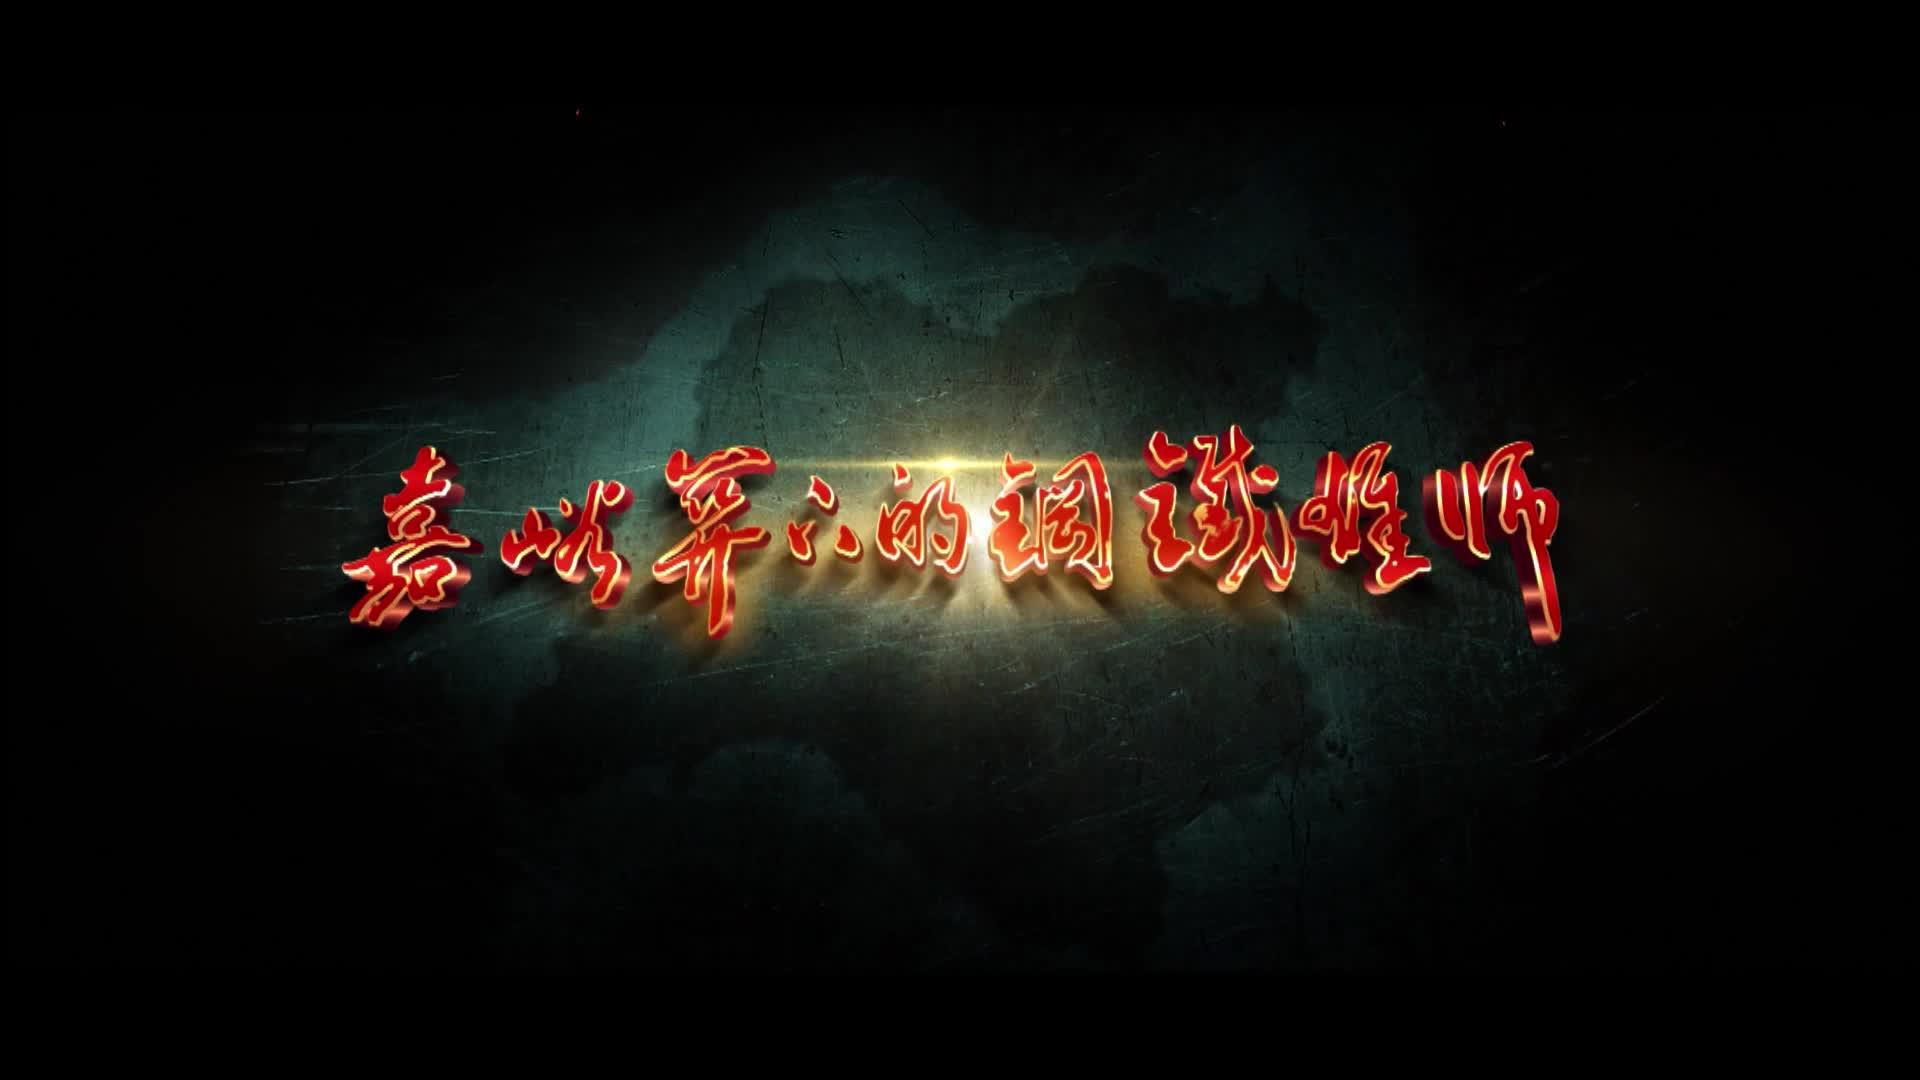 """""""共筑中国梦"""" 主题优秀作品:《嘉峪关下的钢铁雄师》"""